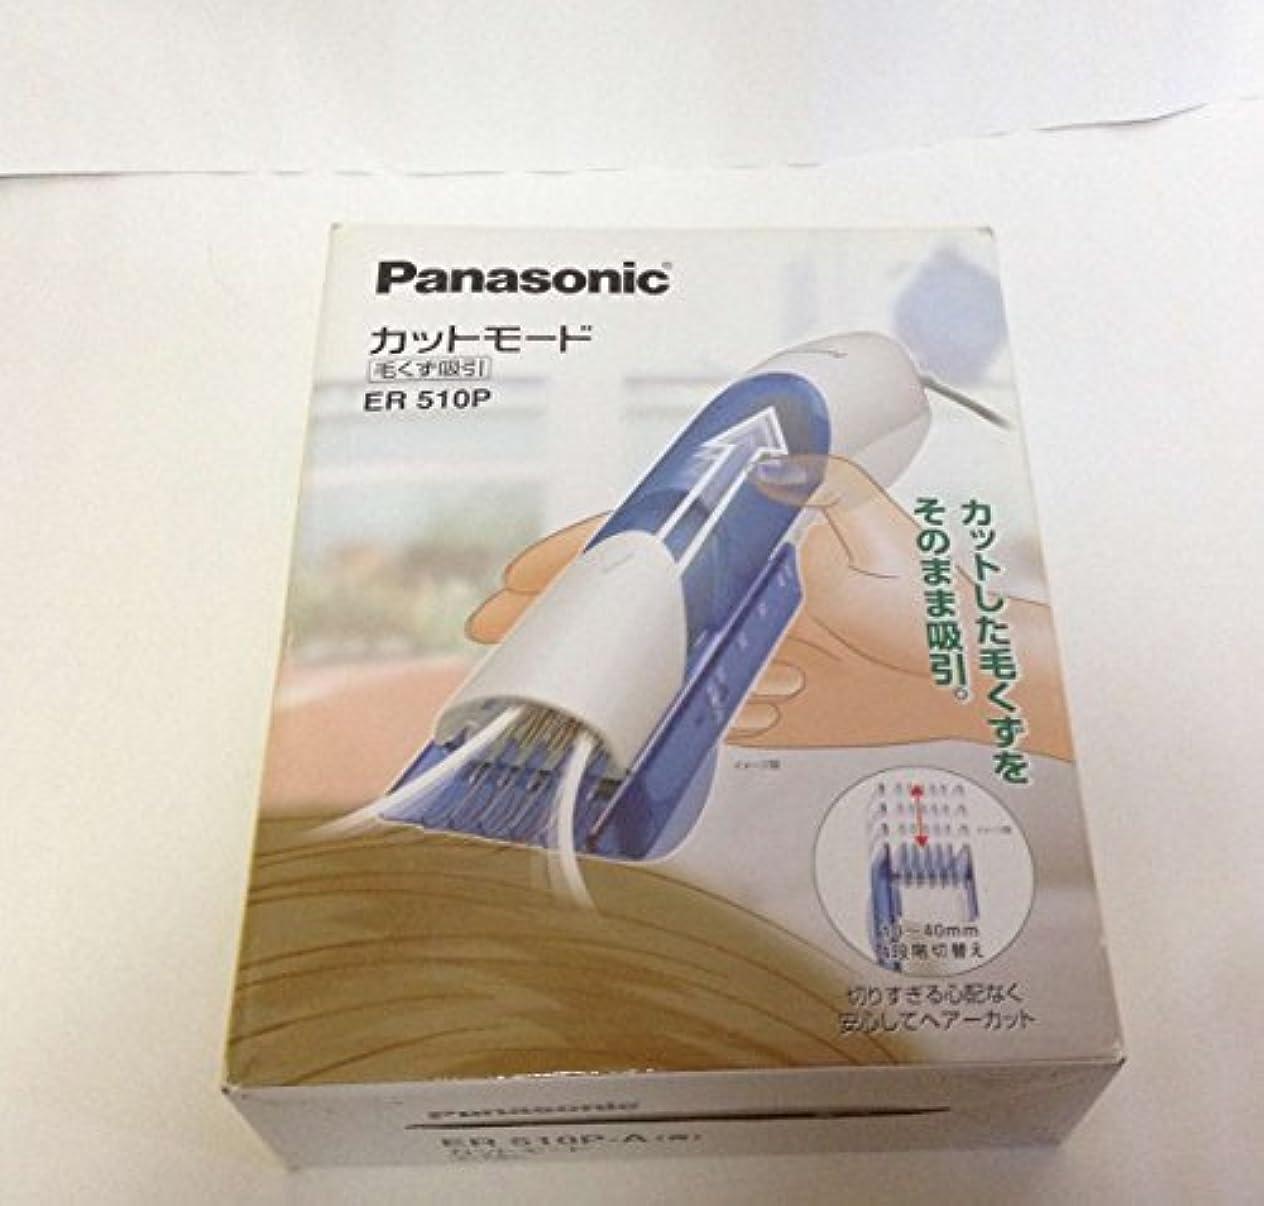 パナソニック カットモード 毛くず吸引 青 ER510P-A